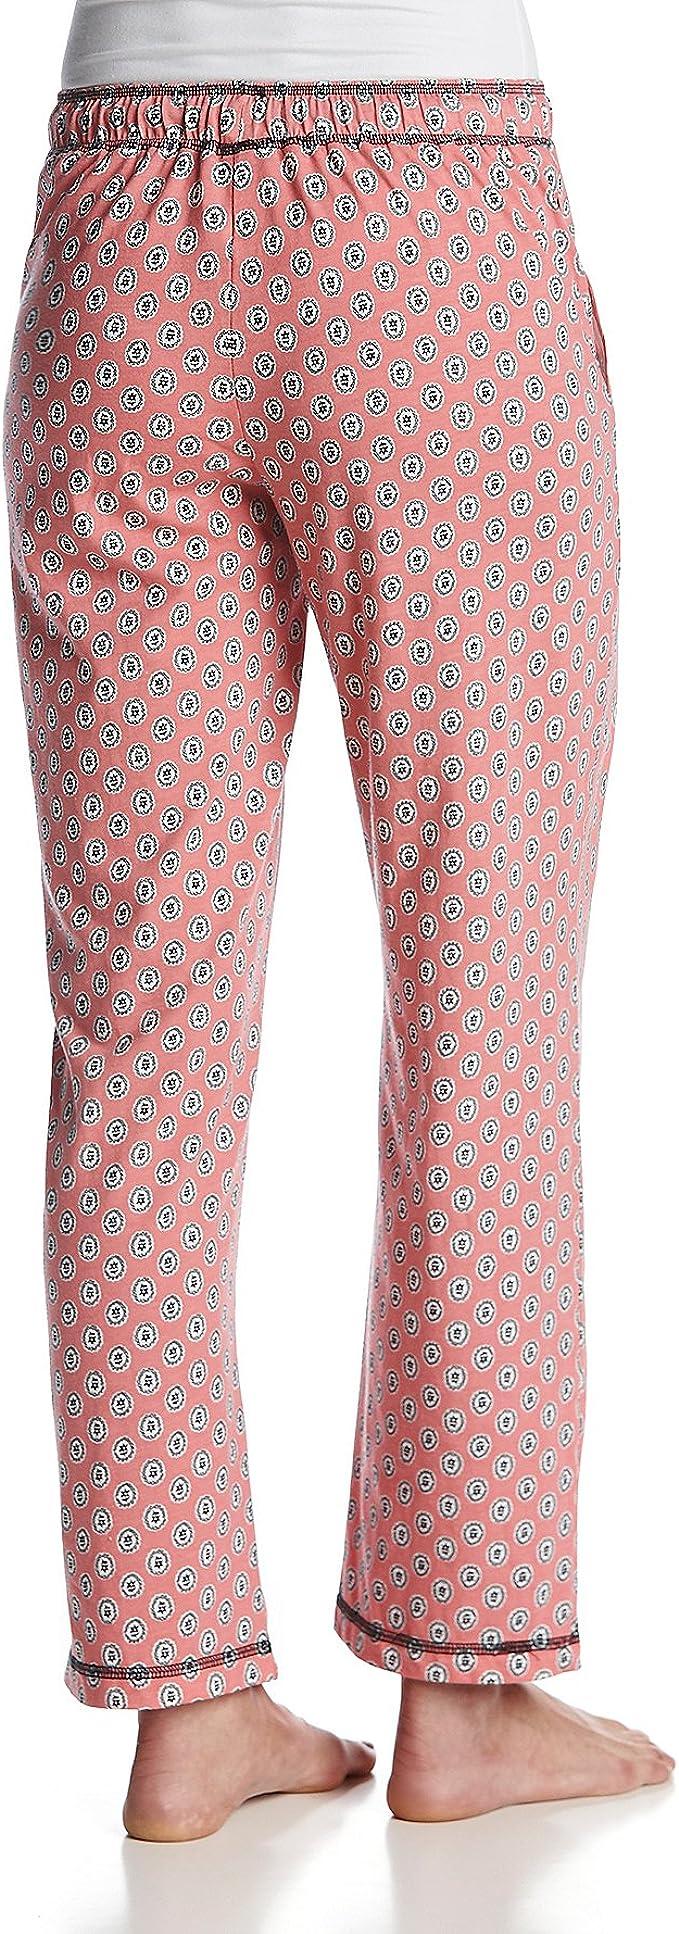 Details about  /Karen Neuburger Men/'s Pajama Lounge Bottom Long Pant